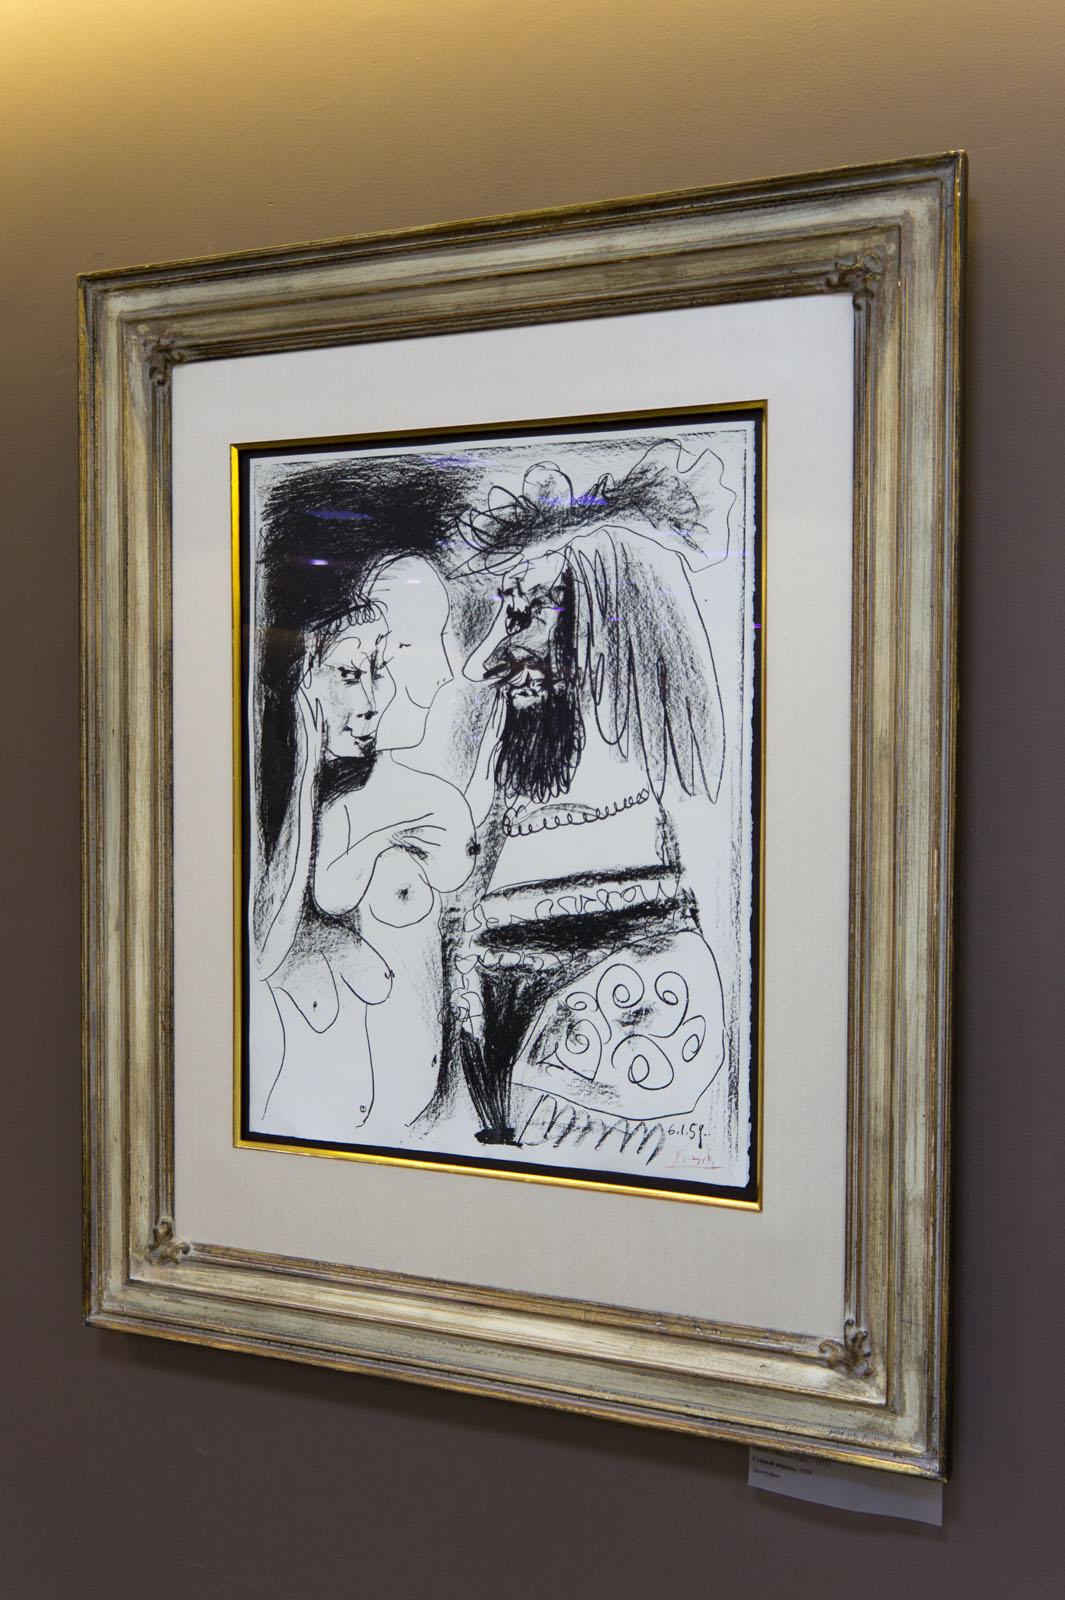 Фото №76537. Старый король. 1959.Пабло Пикассо (1881-1973)